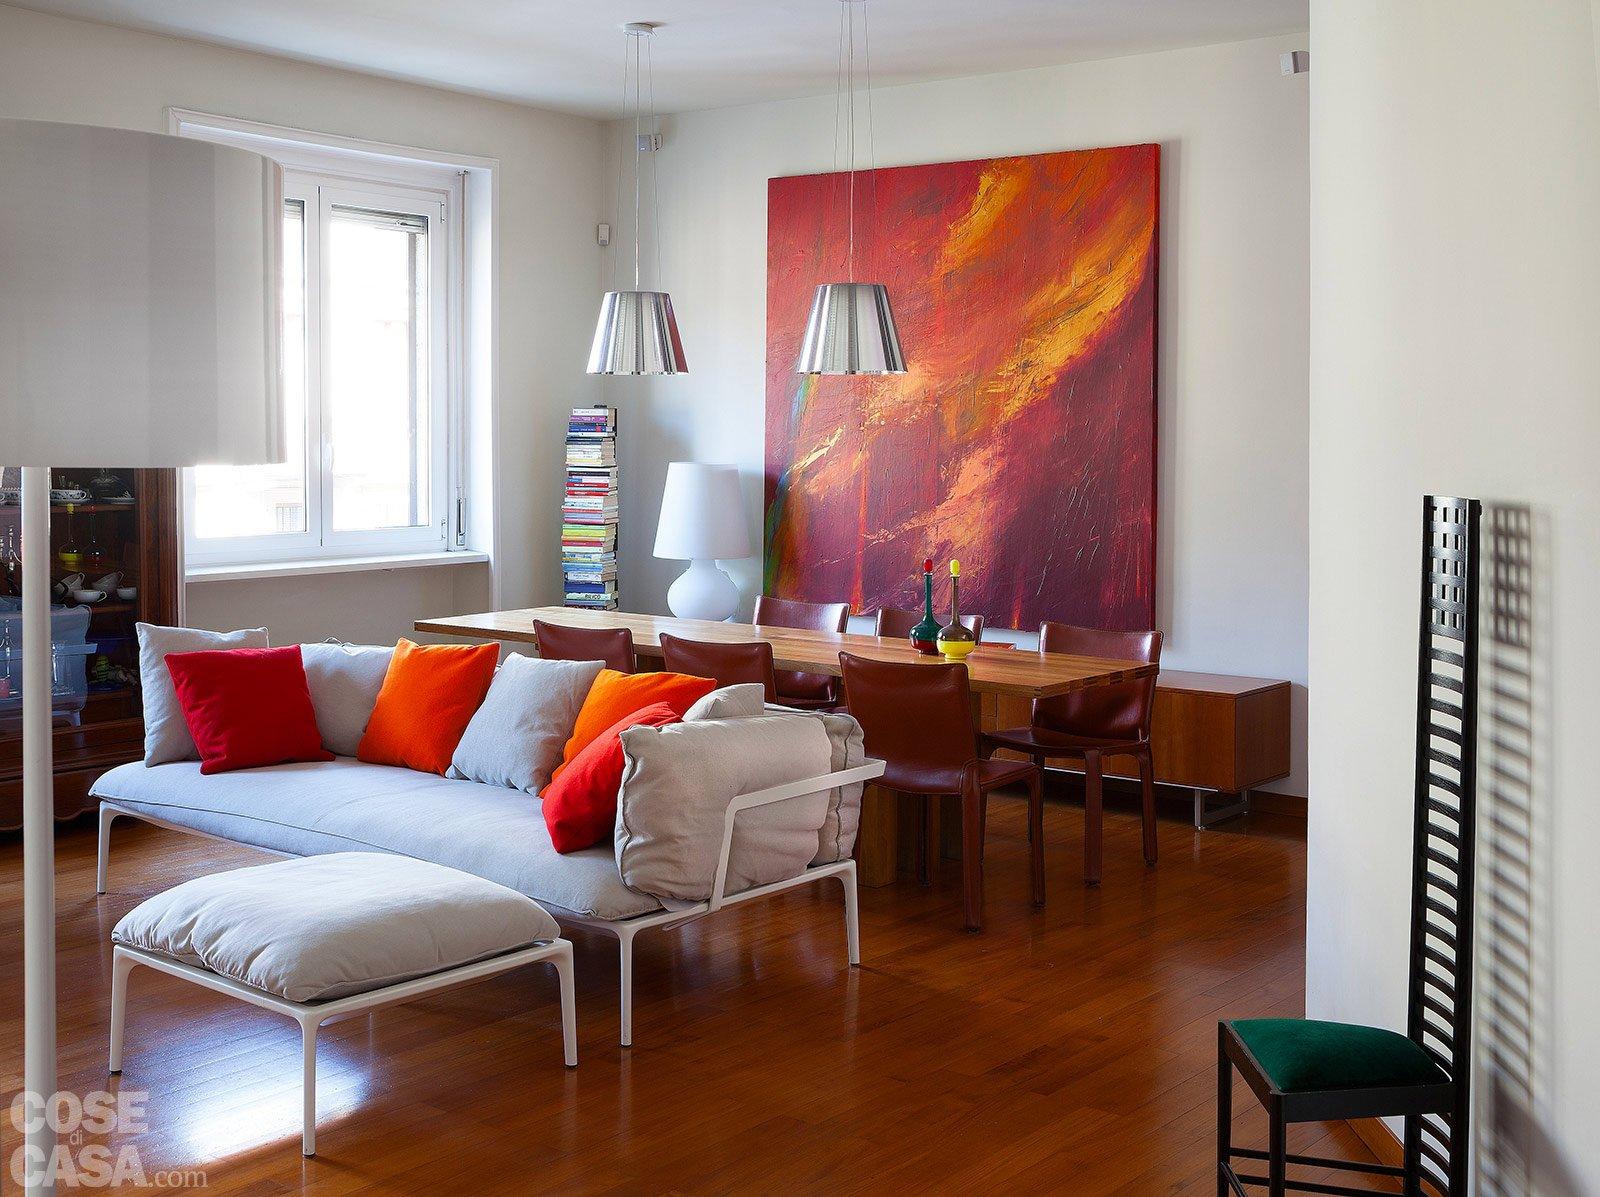 Decorare parete soggiorno with decorare parete soggiorno - Decorare parete soggiorno ...